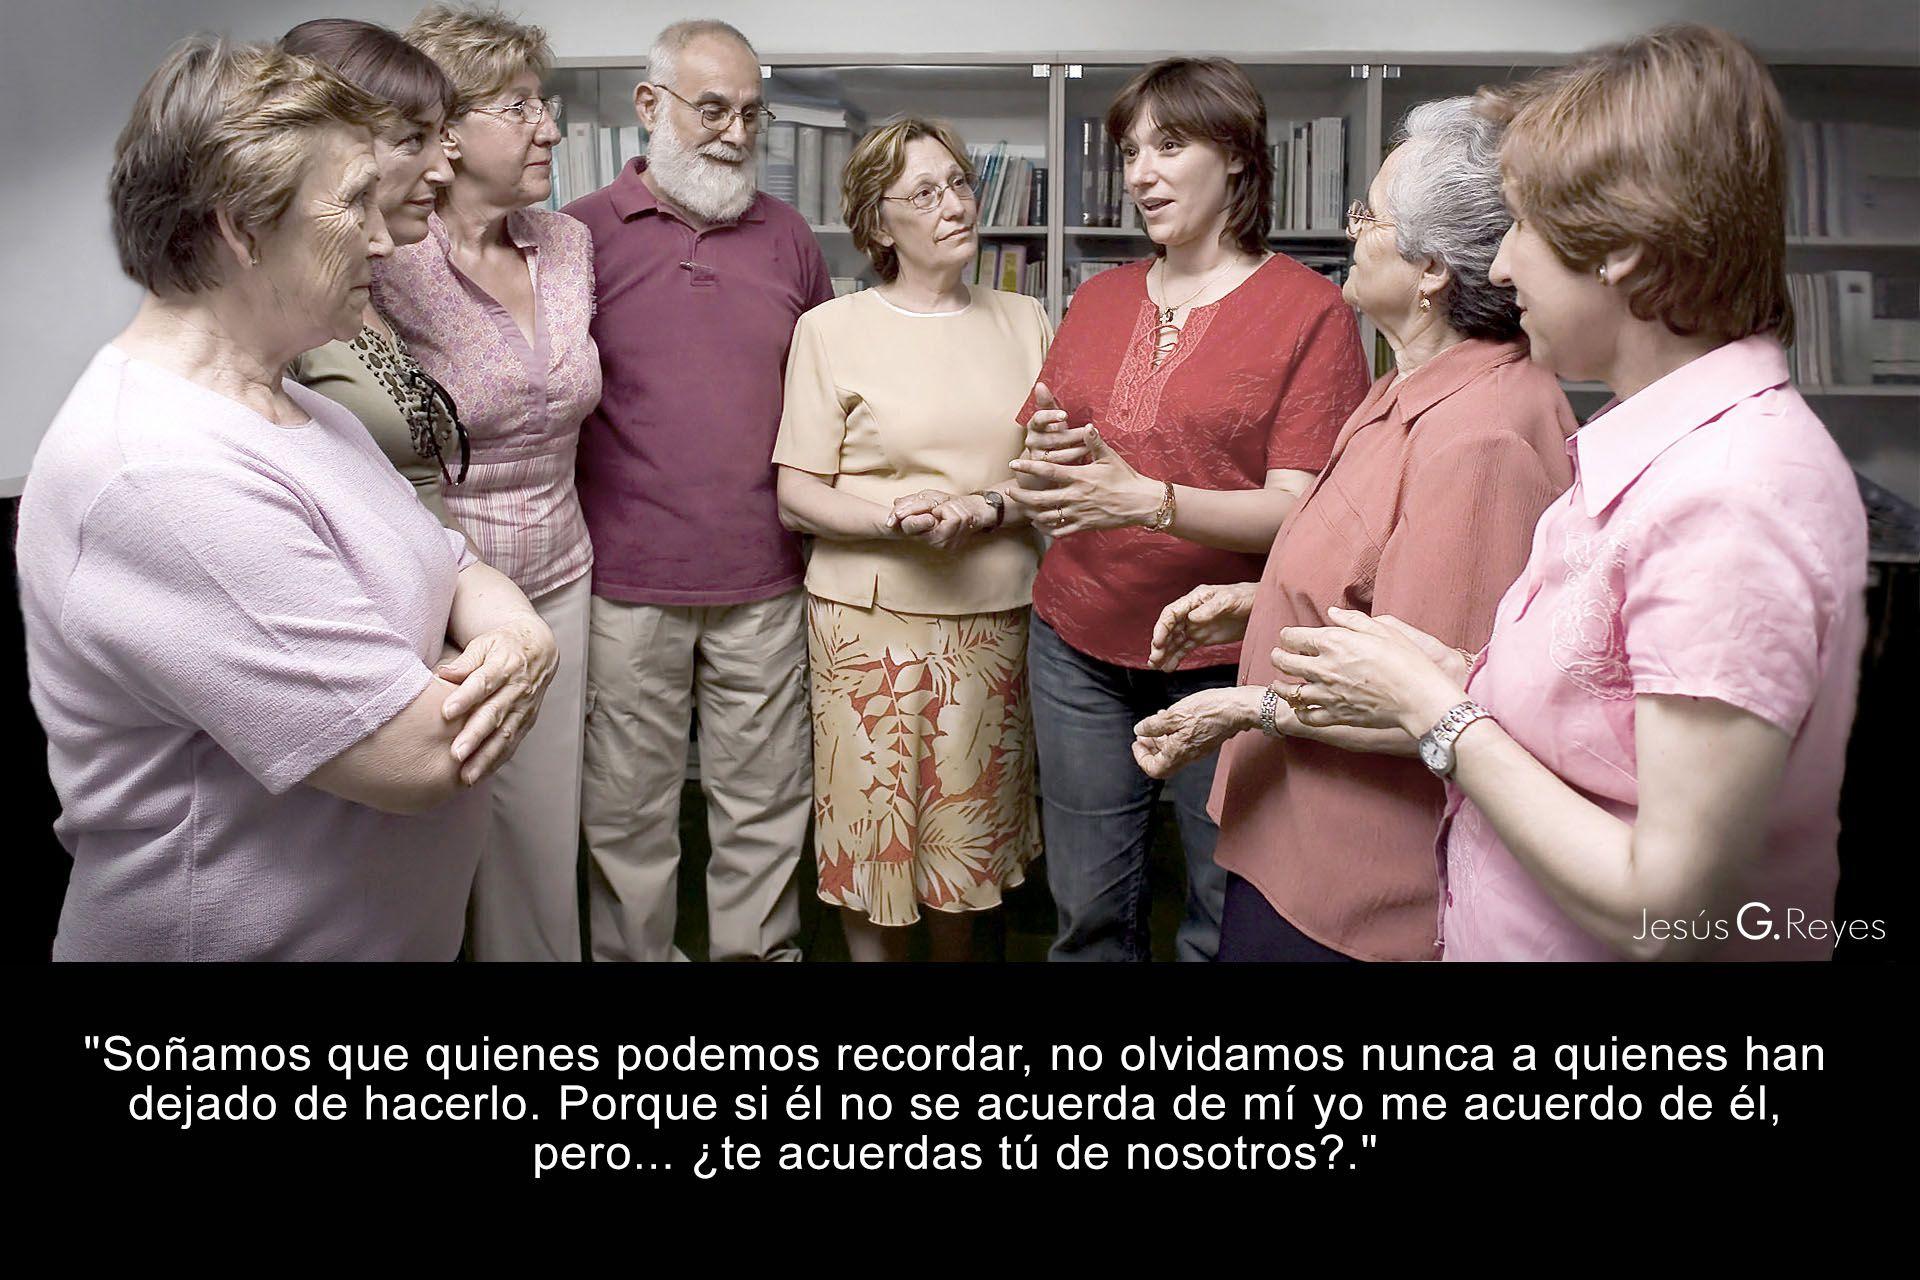 Colectivo familiares afectados por alzheimer. San Fernando de Henares